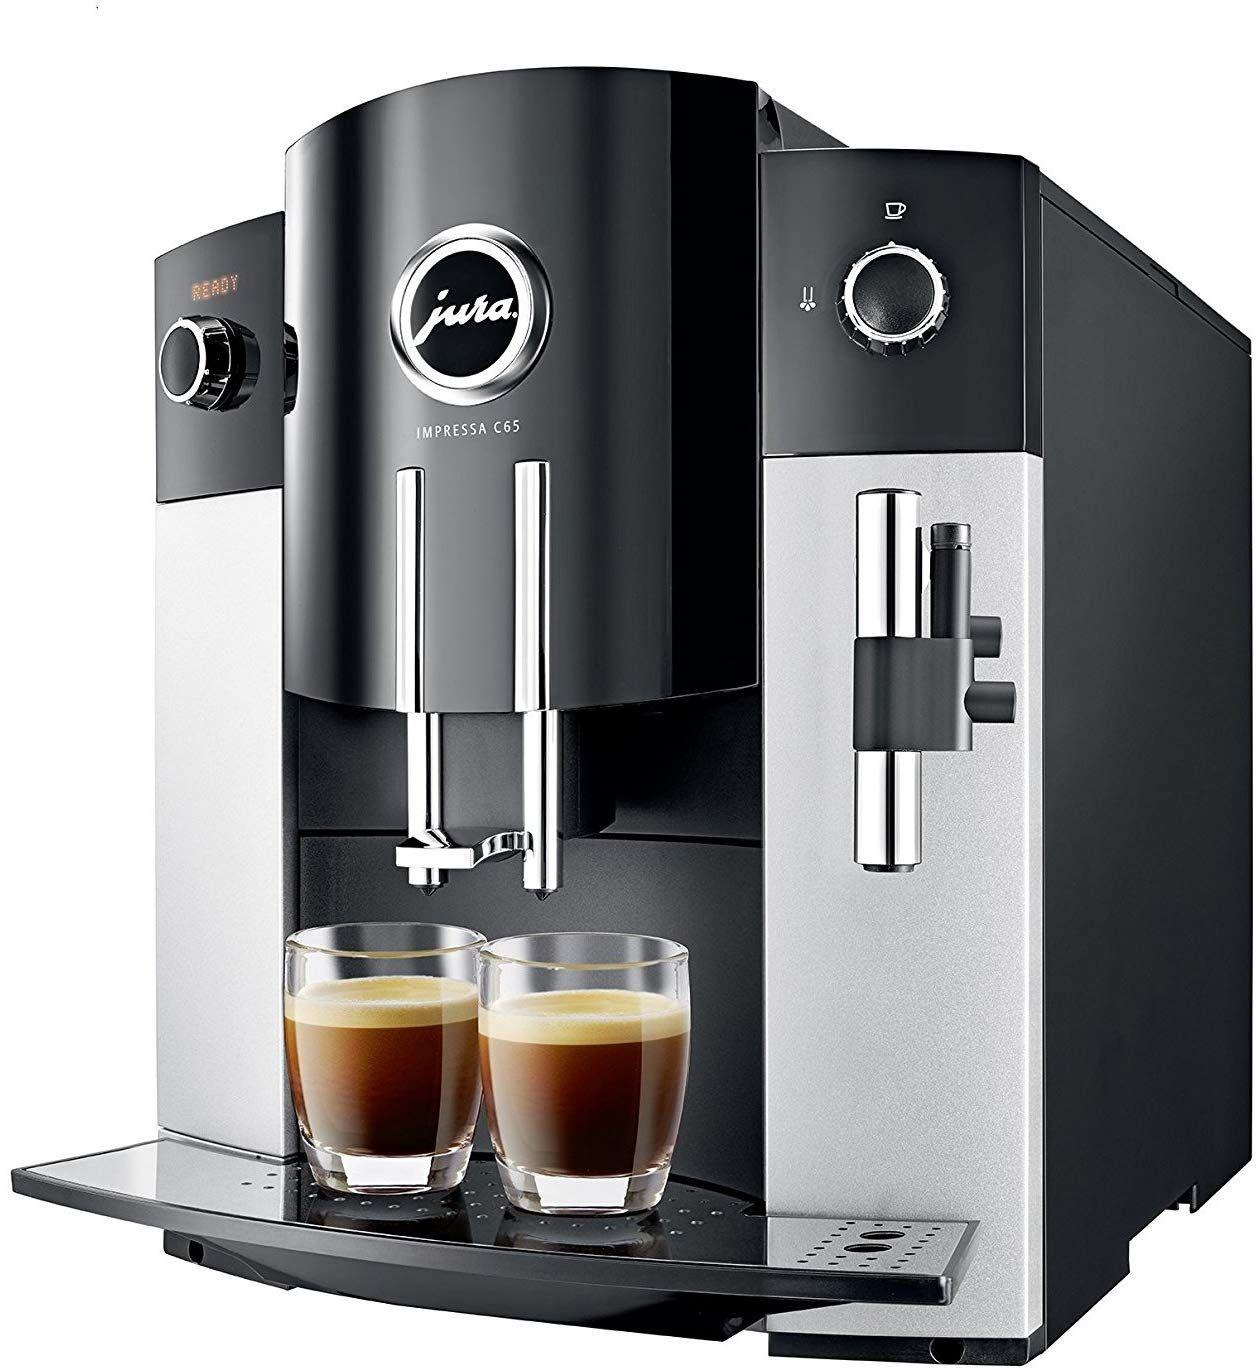 Jura 15068 Impressa C65 Automatic Coffee Machine Platinum Includes Jura Milk Container Care Cartridge Decalcifying Tablets Automatic Coffee Machine Automatic Espresso Machine Jura Coffee Machine